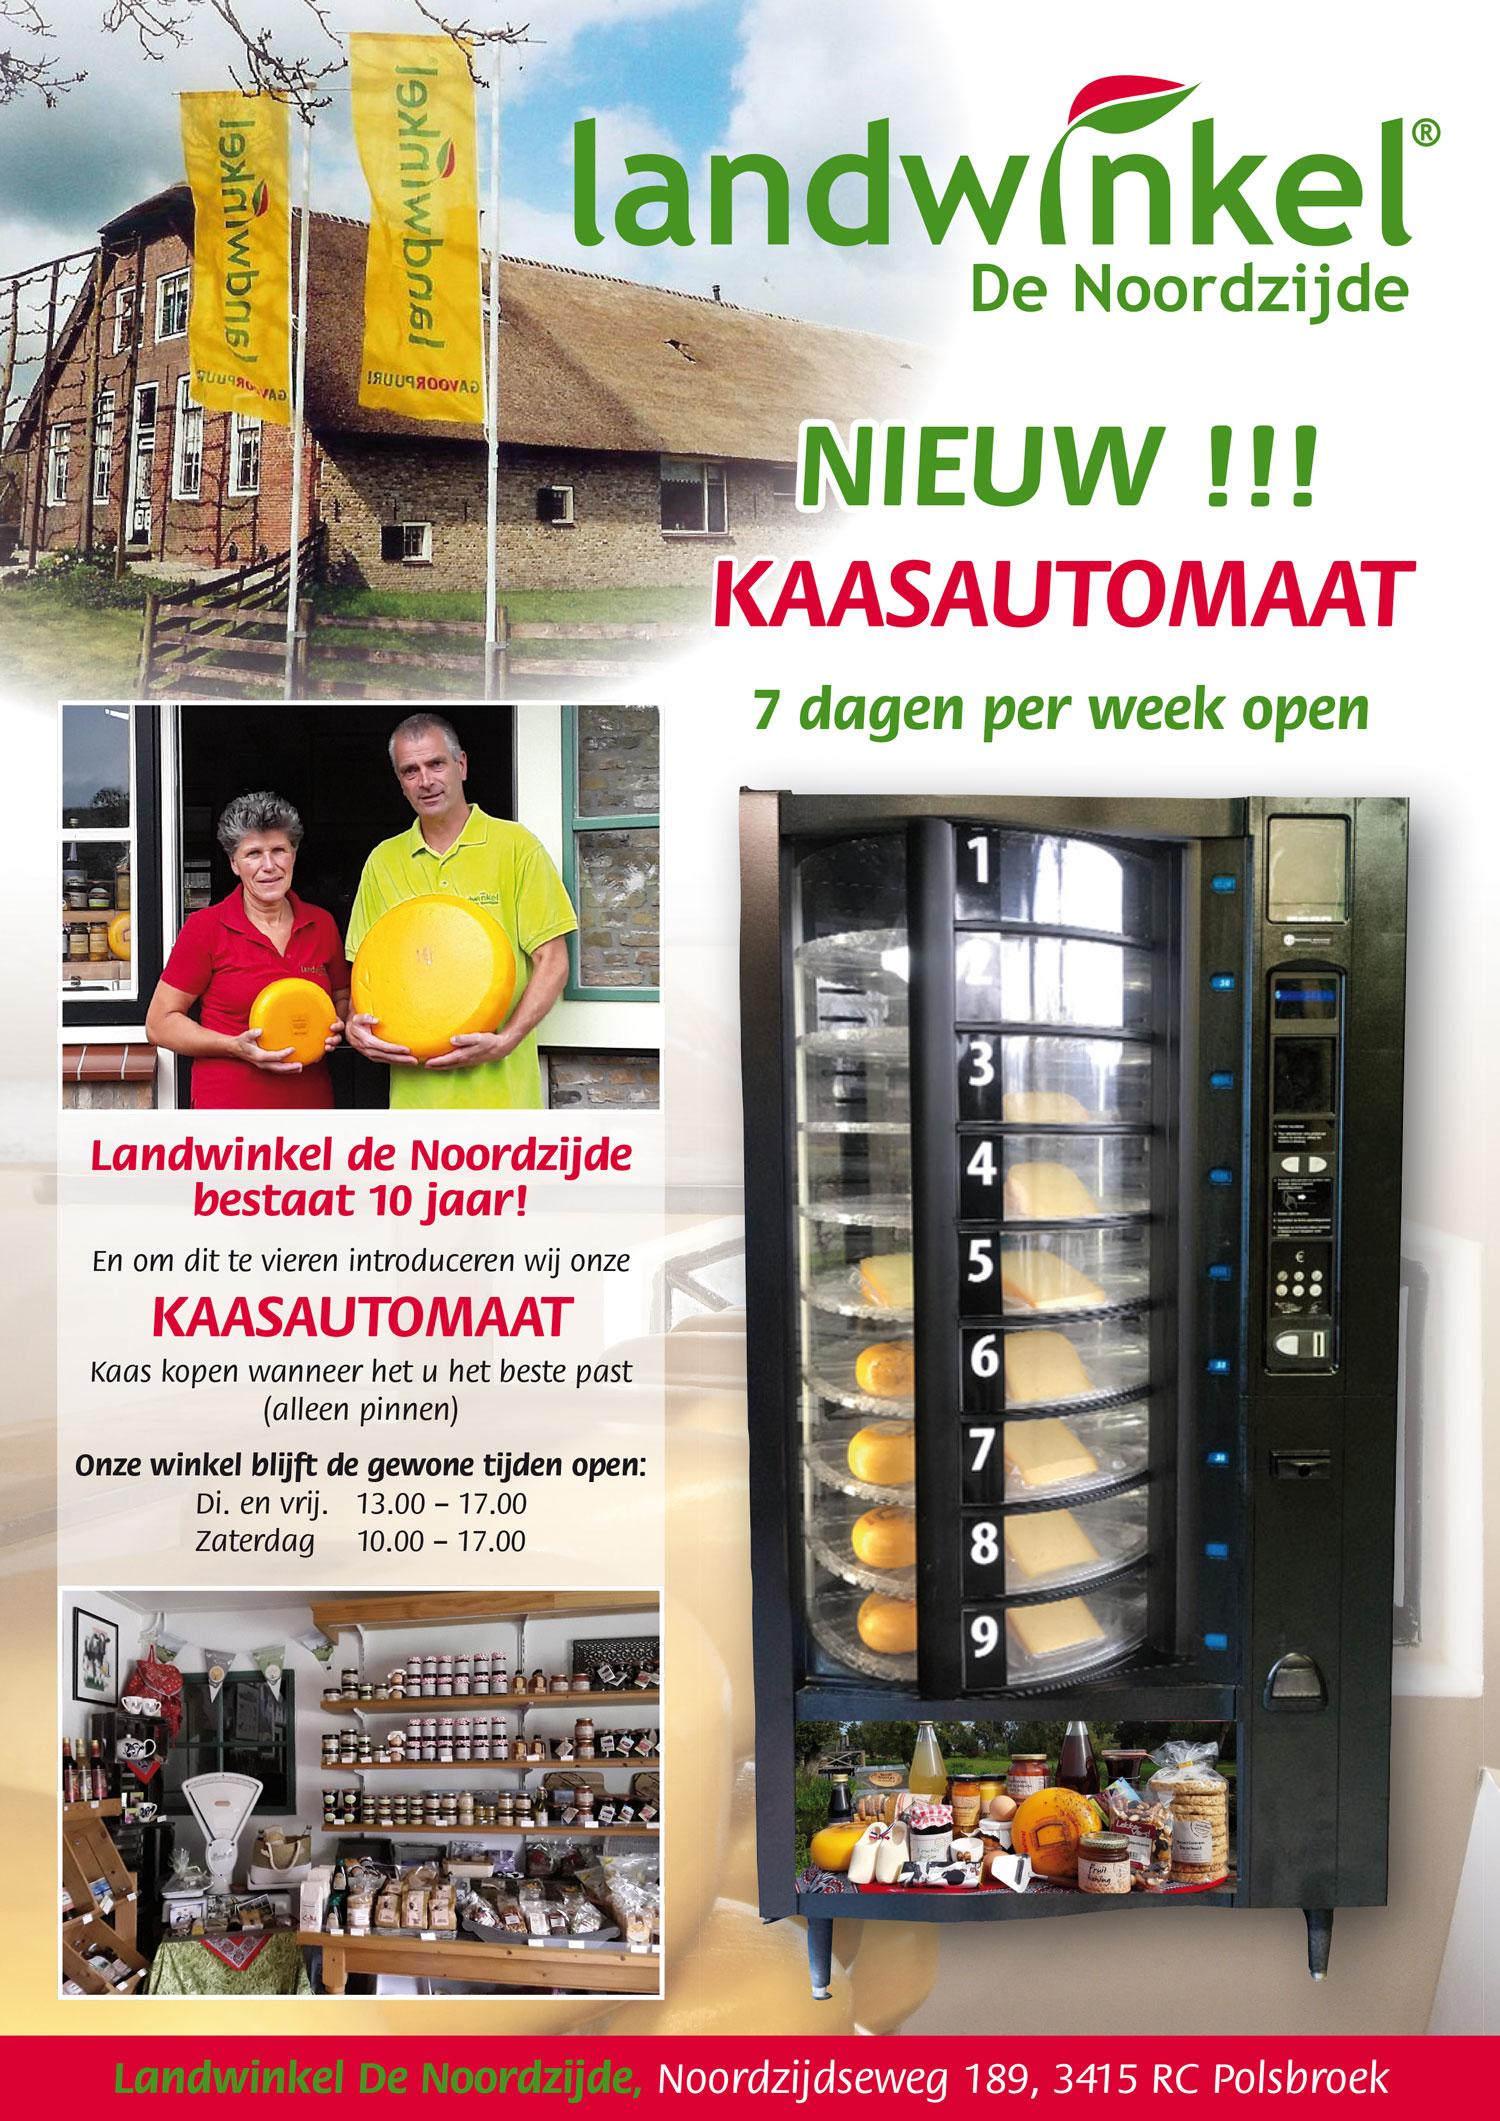 nieuwe kaasmachine kaasautomaat 7 dagen open 1